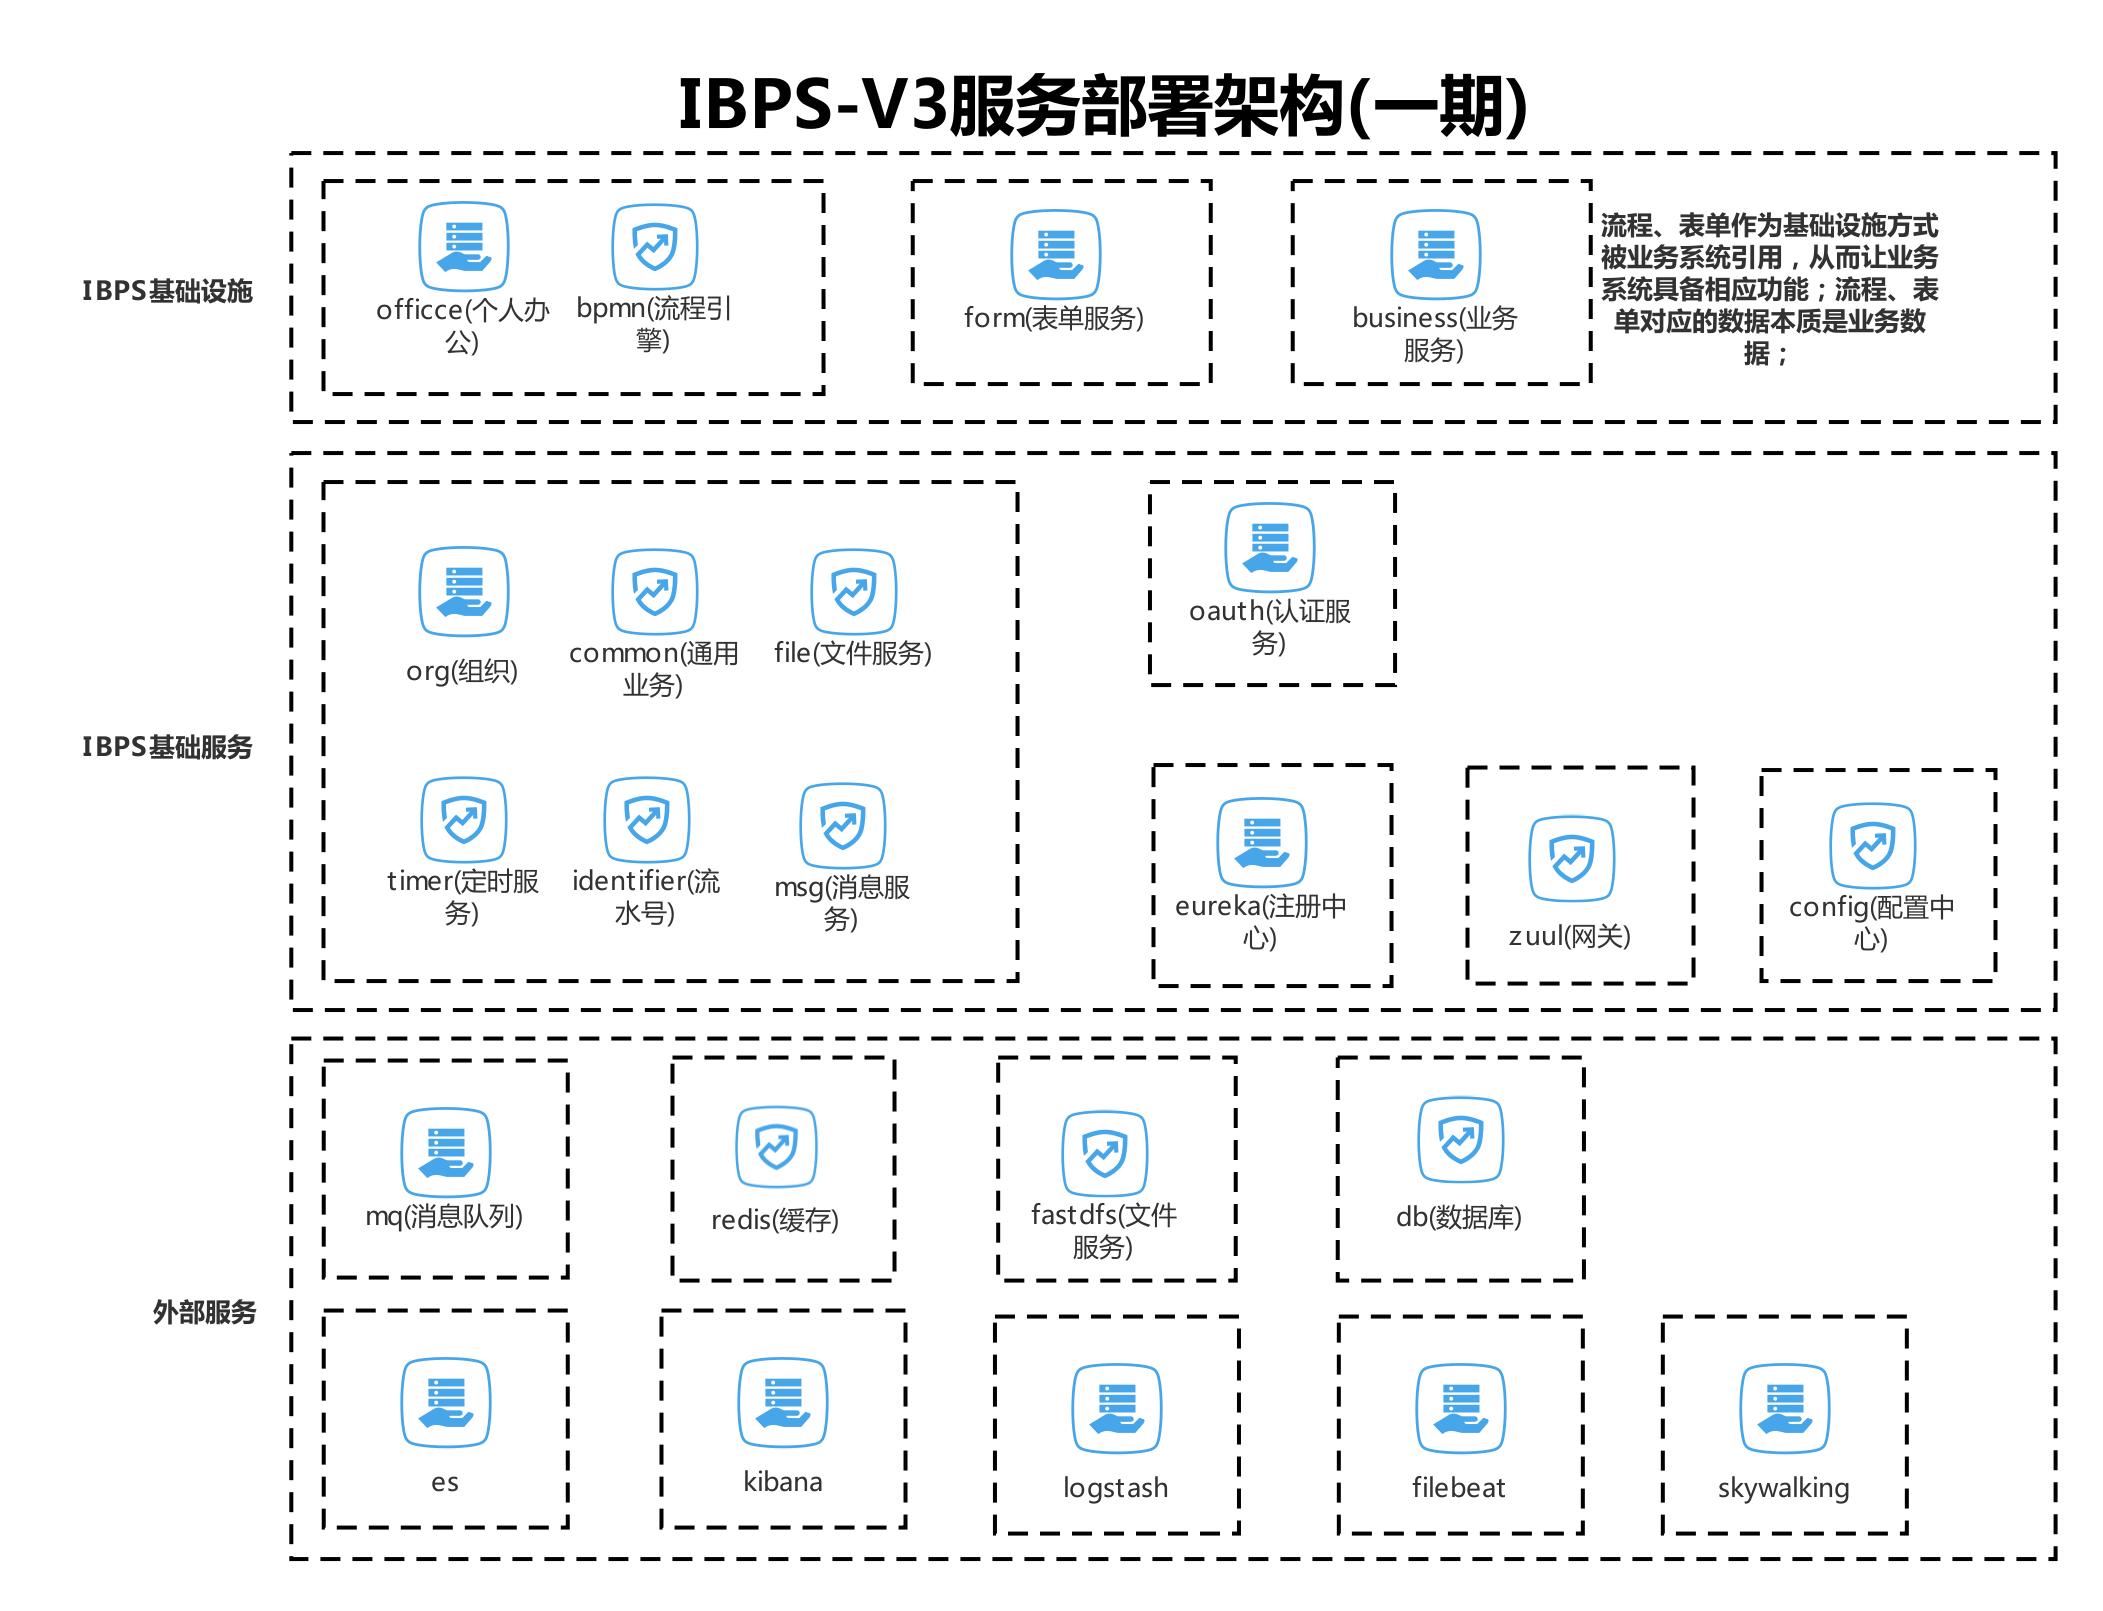 IBPS-V3服务部署架构(一期)